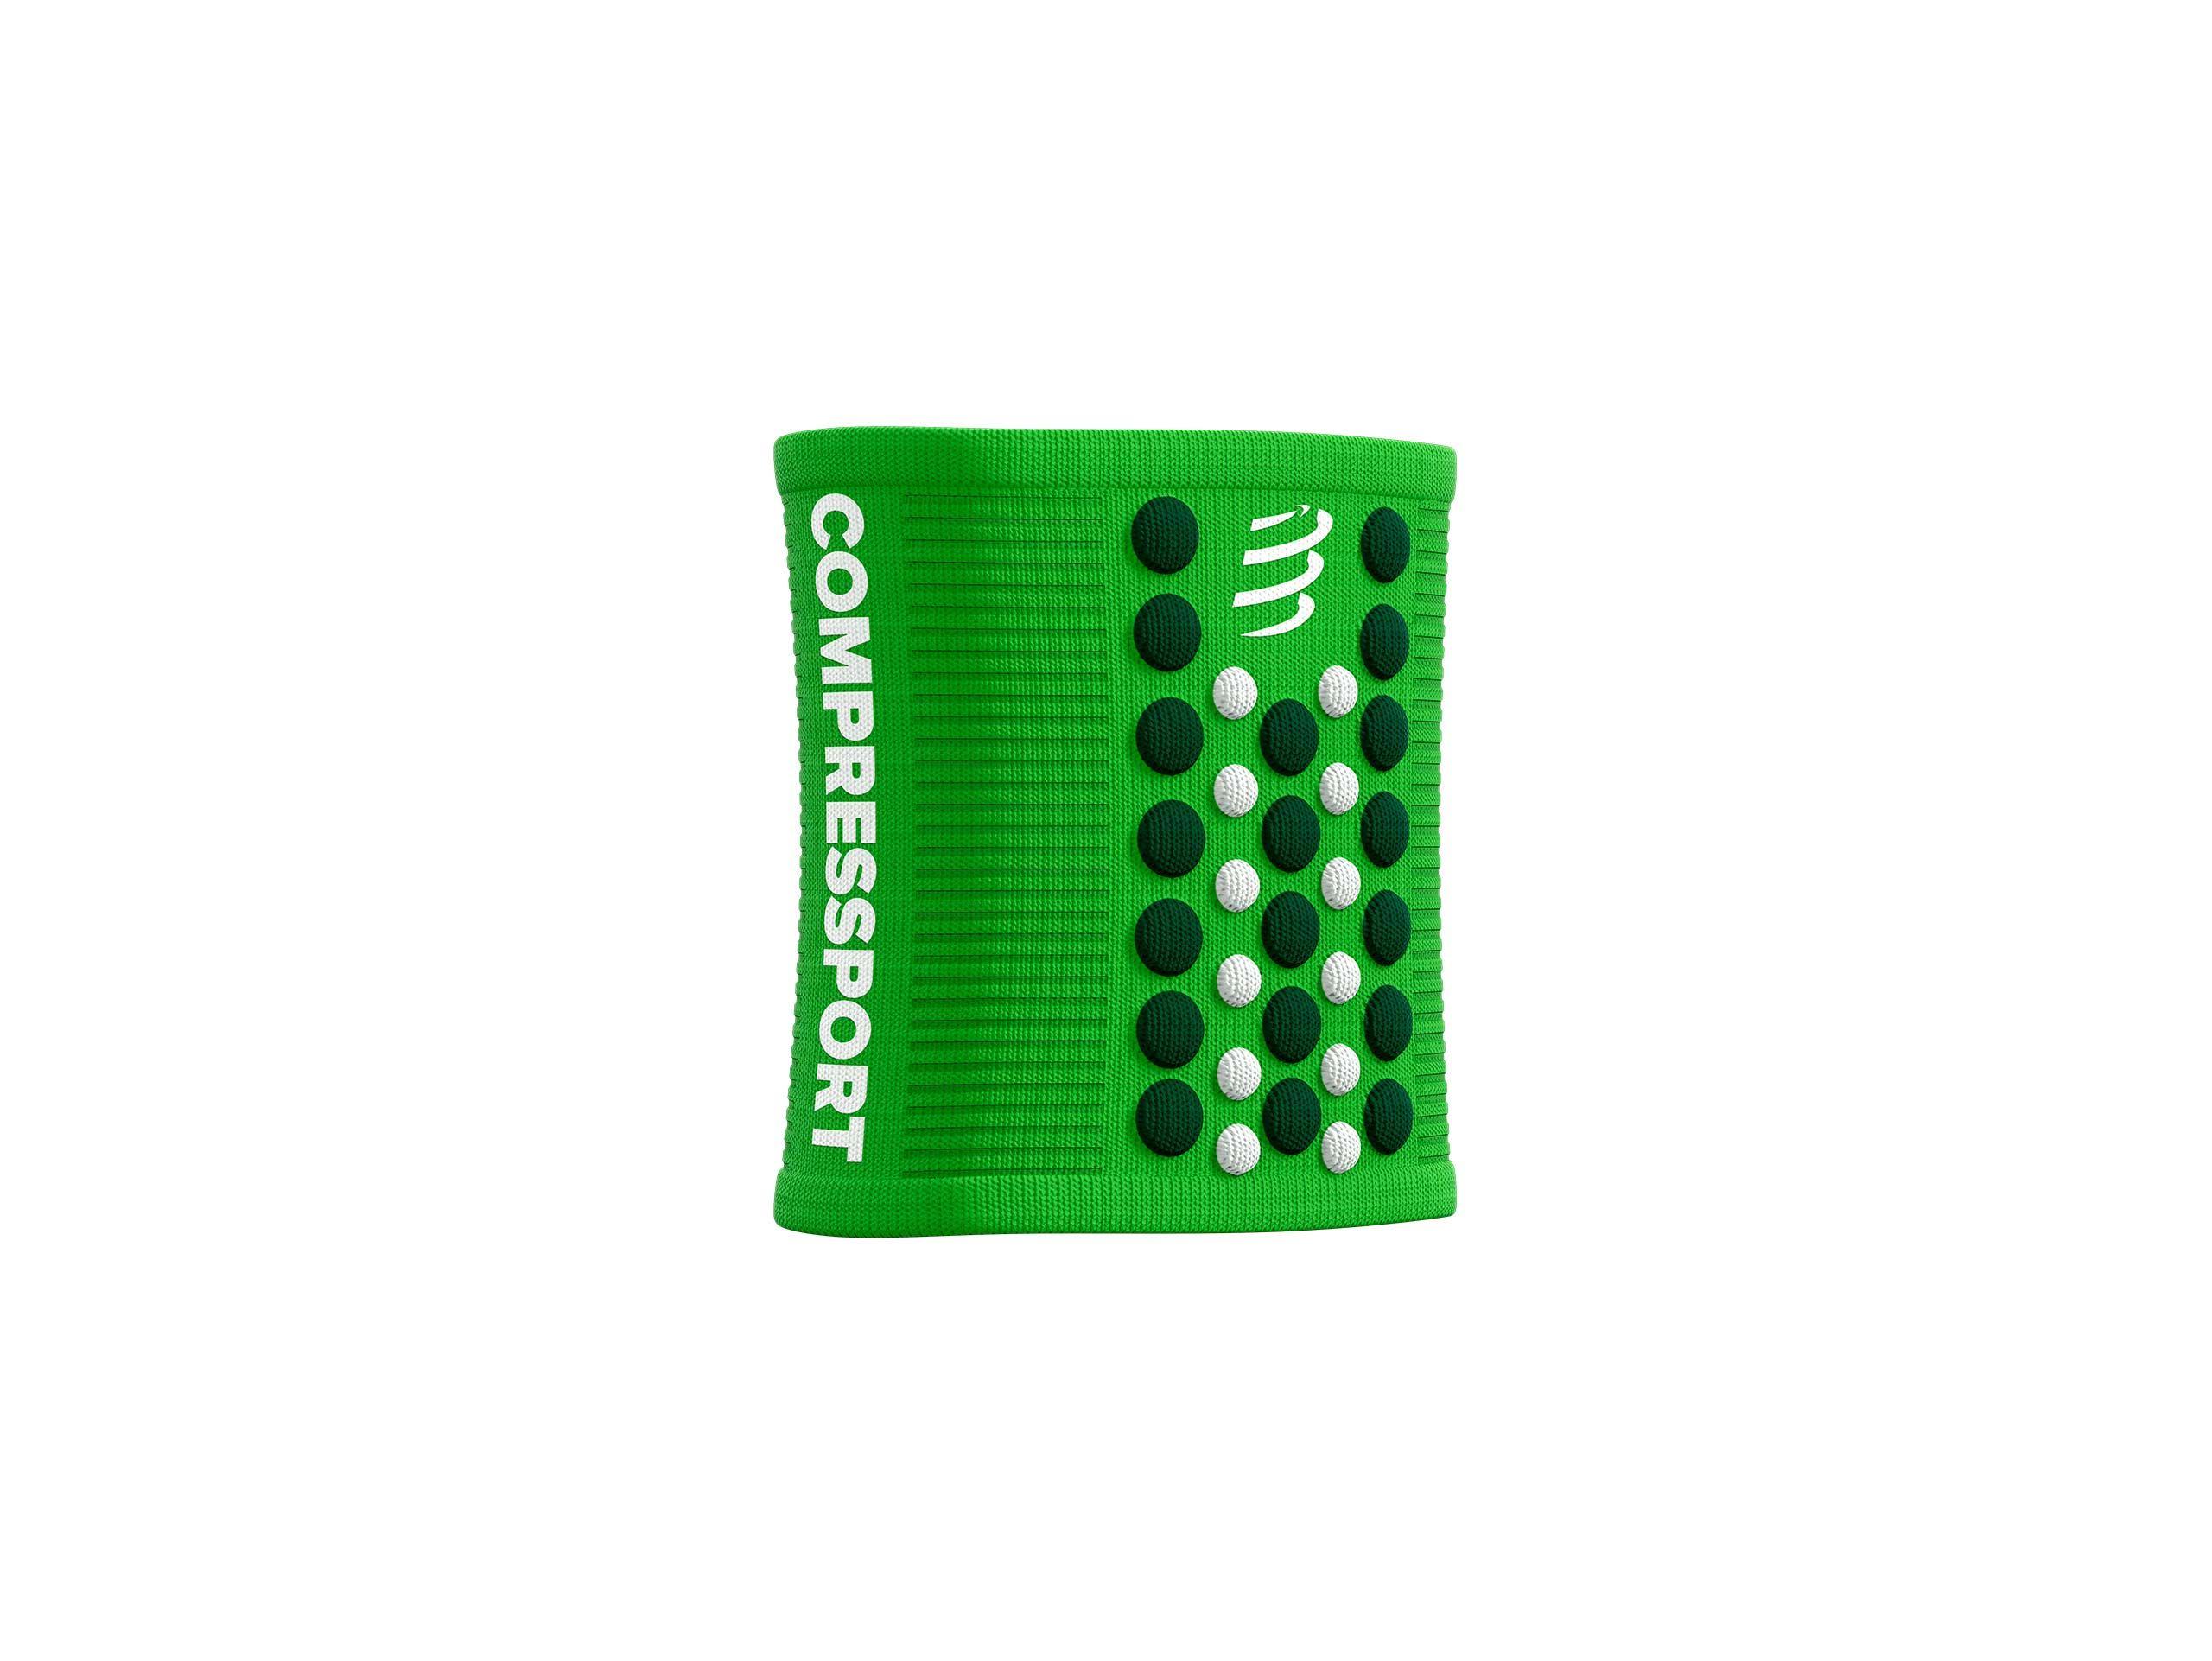 Sweatbands 3D.Dots - Summer Refresh 2021 GREENERY/WILLOW BOUGH